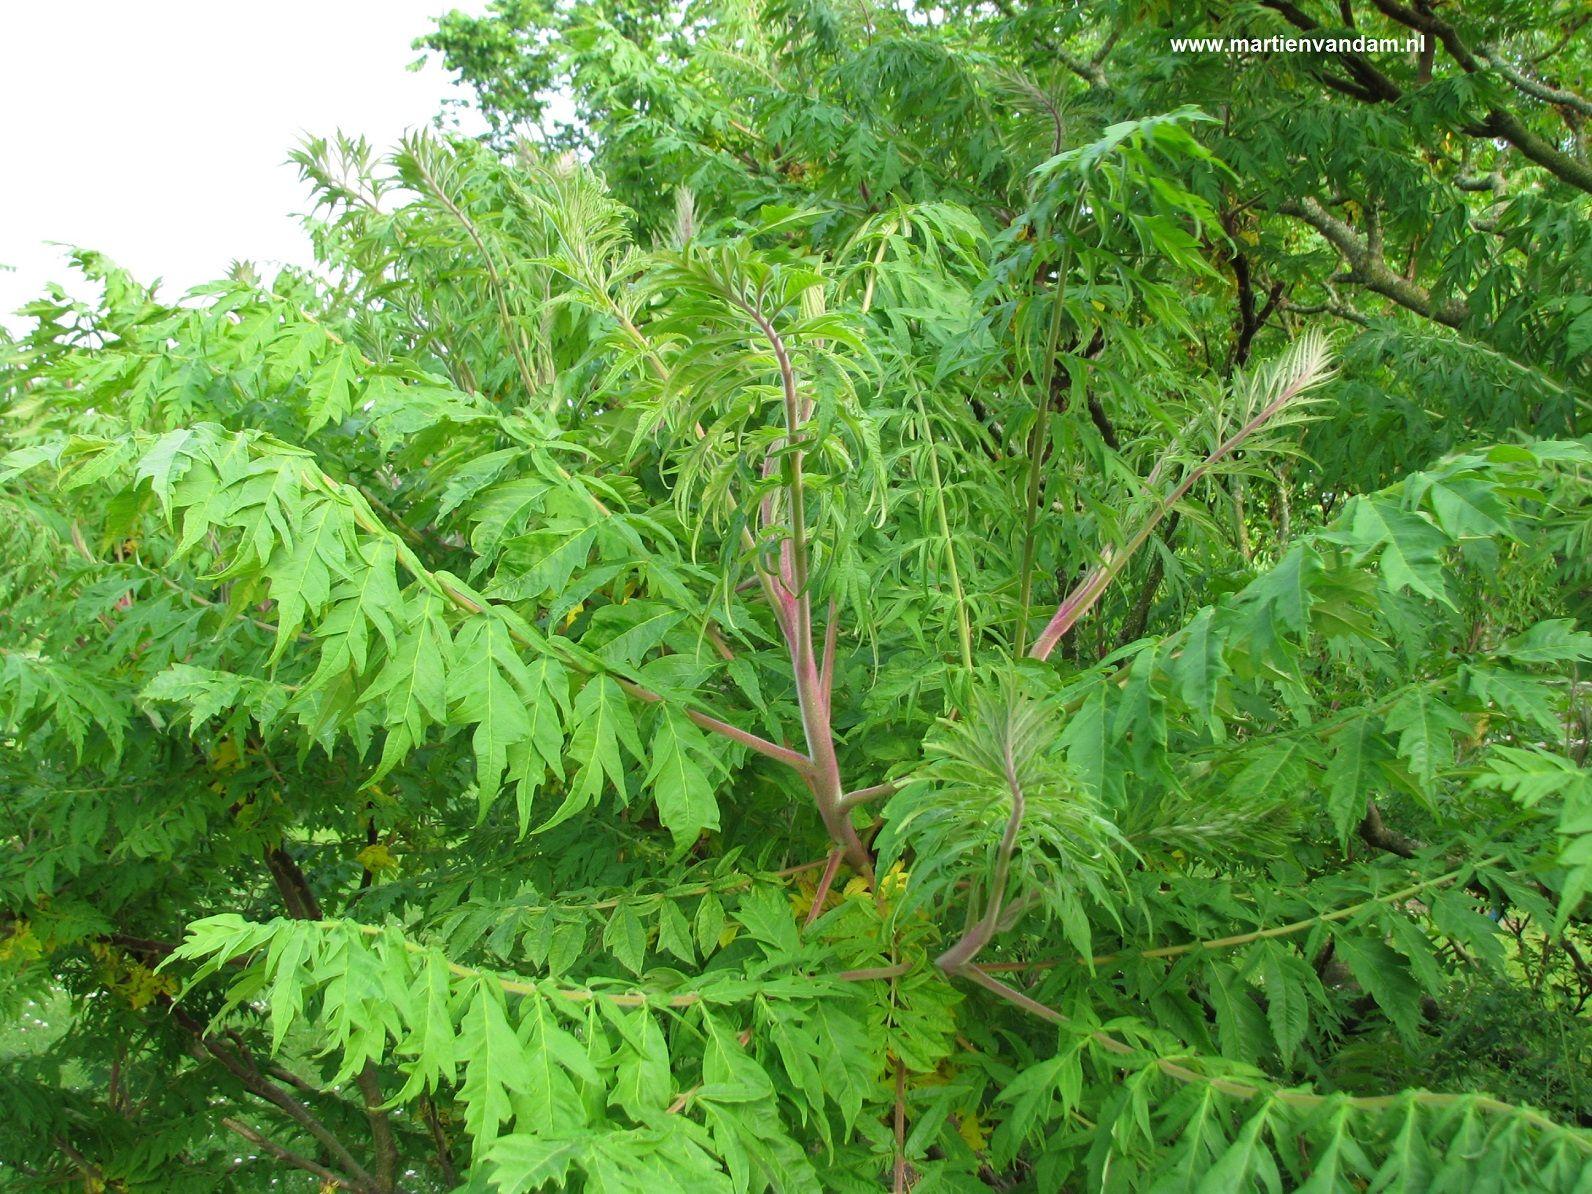 fluweelboom giftig